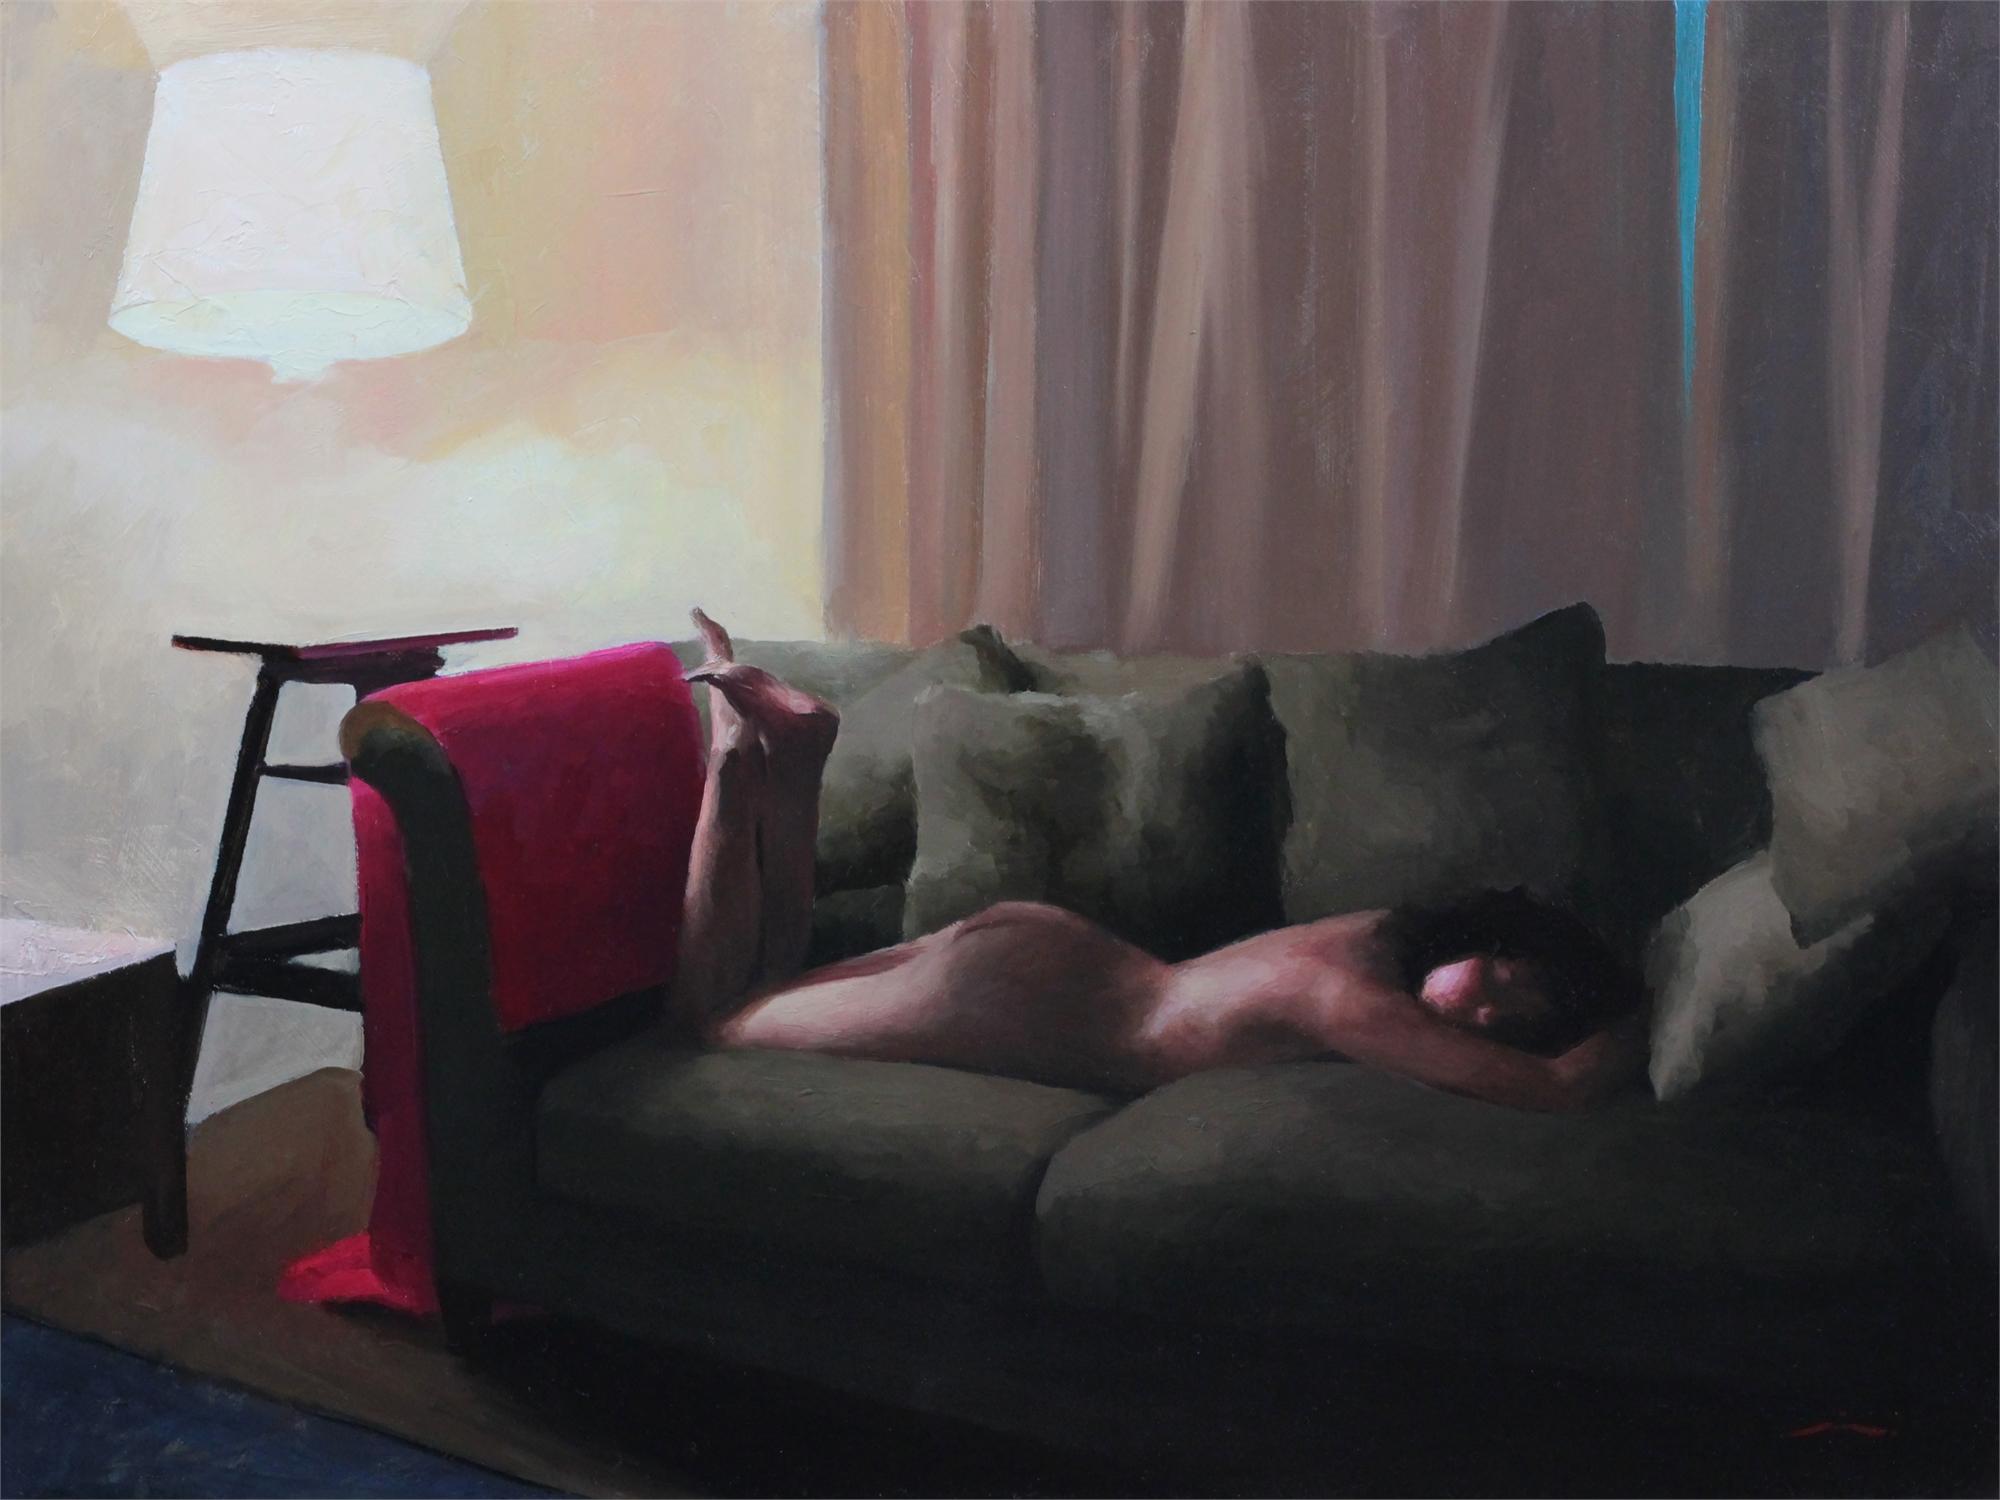 Apotheosis by Mia Bergeron